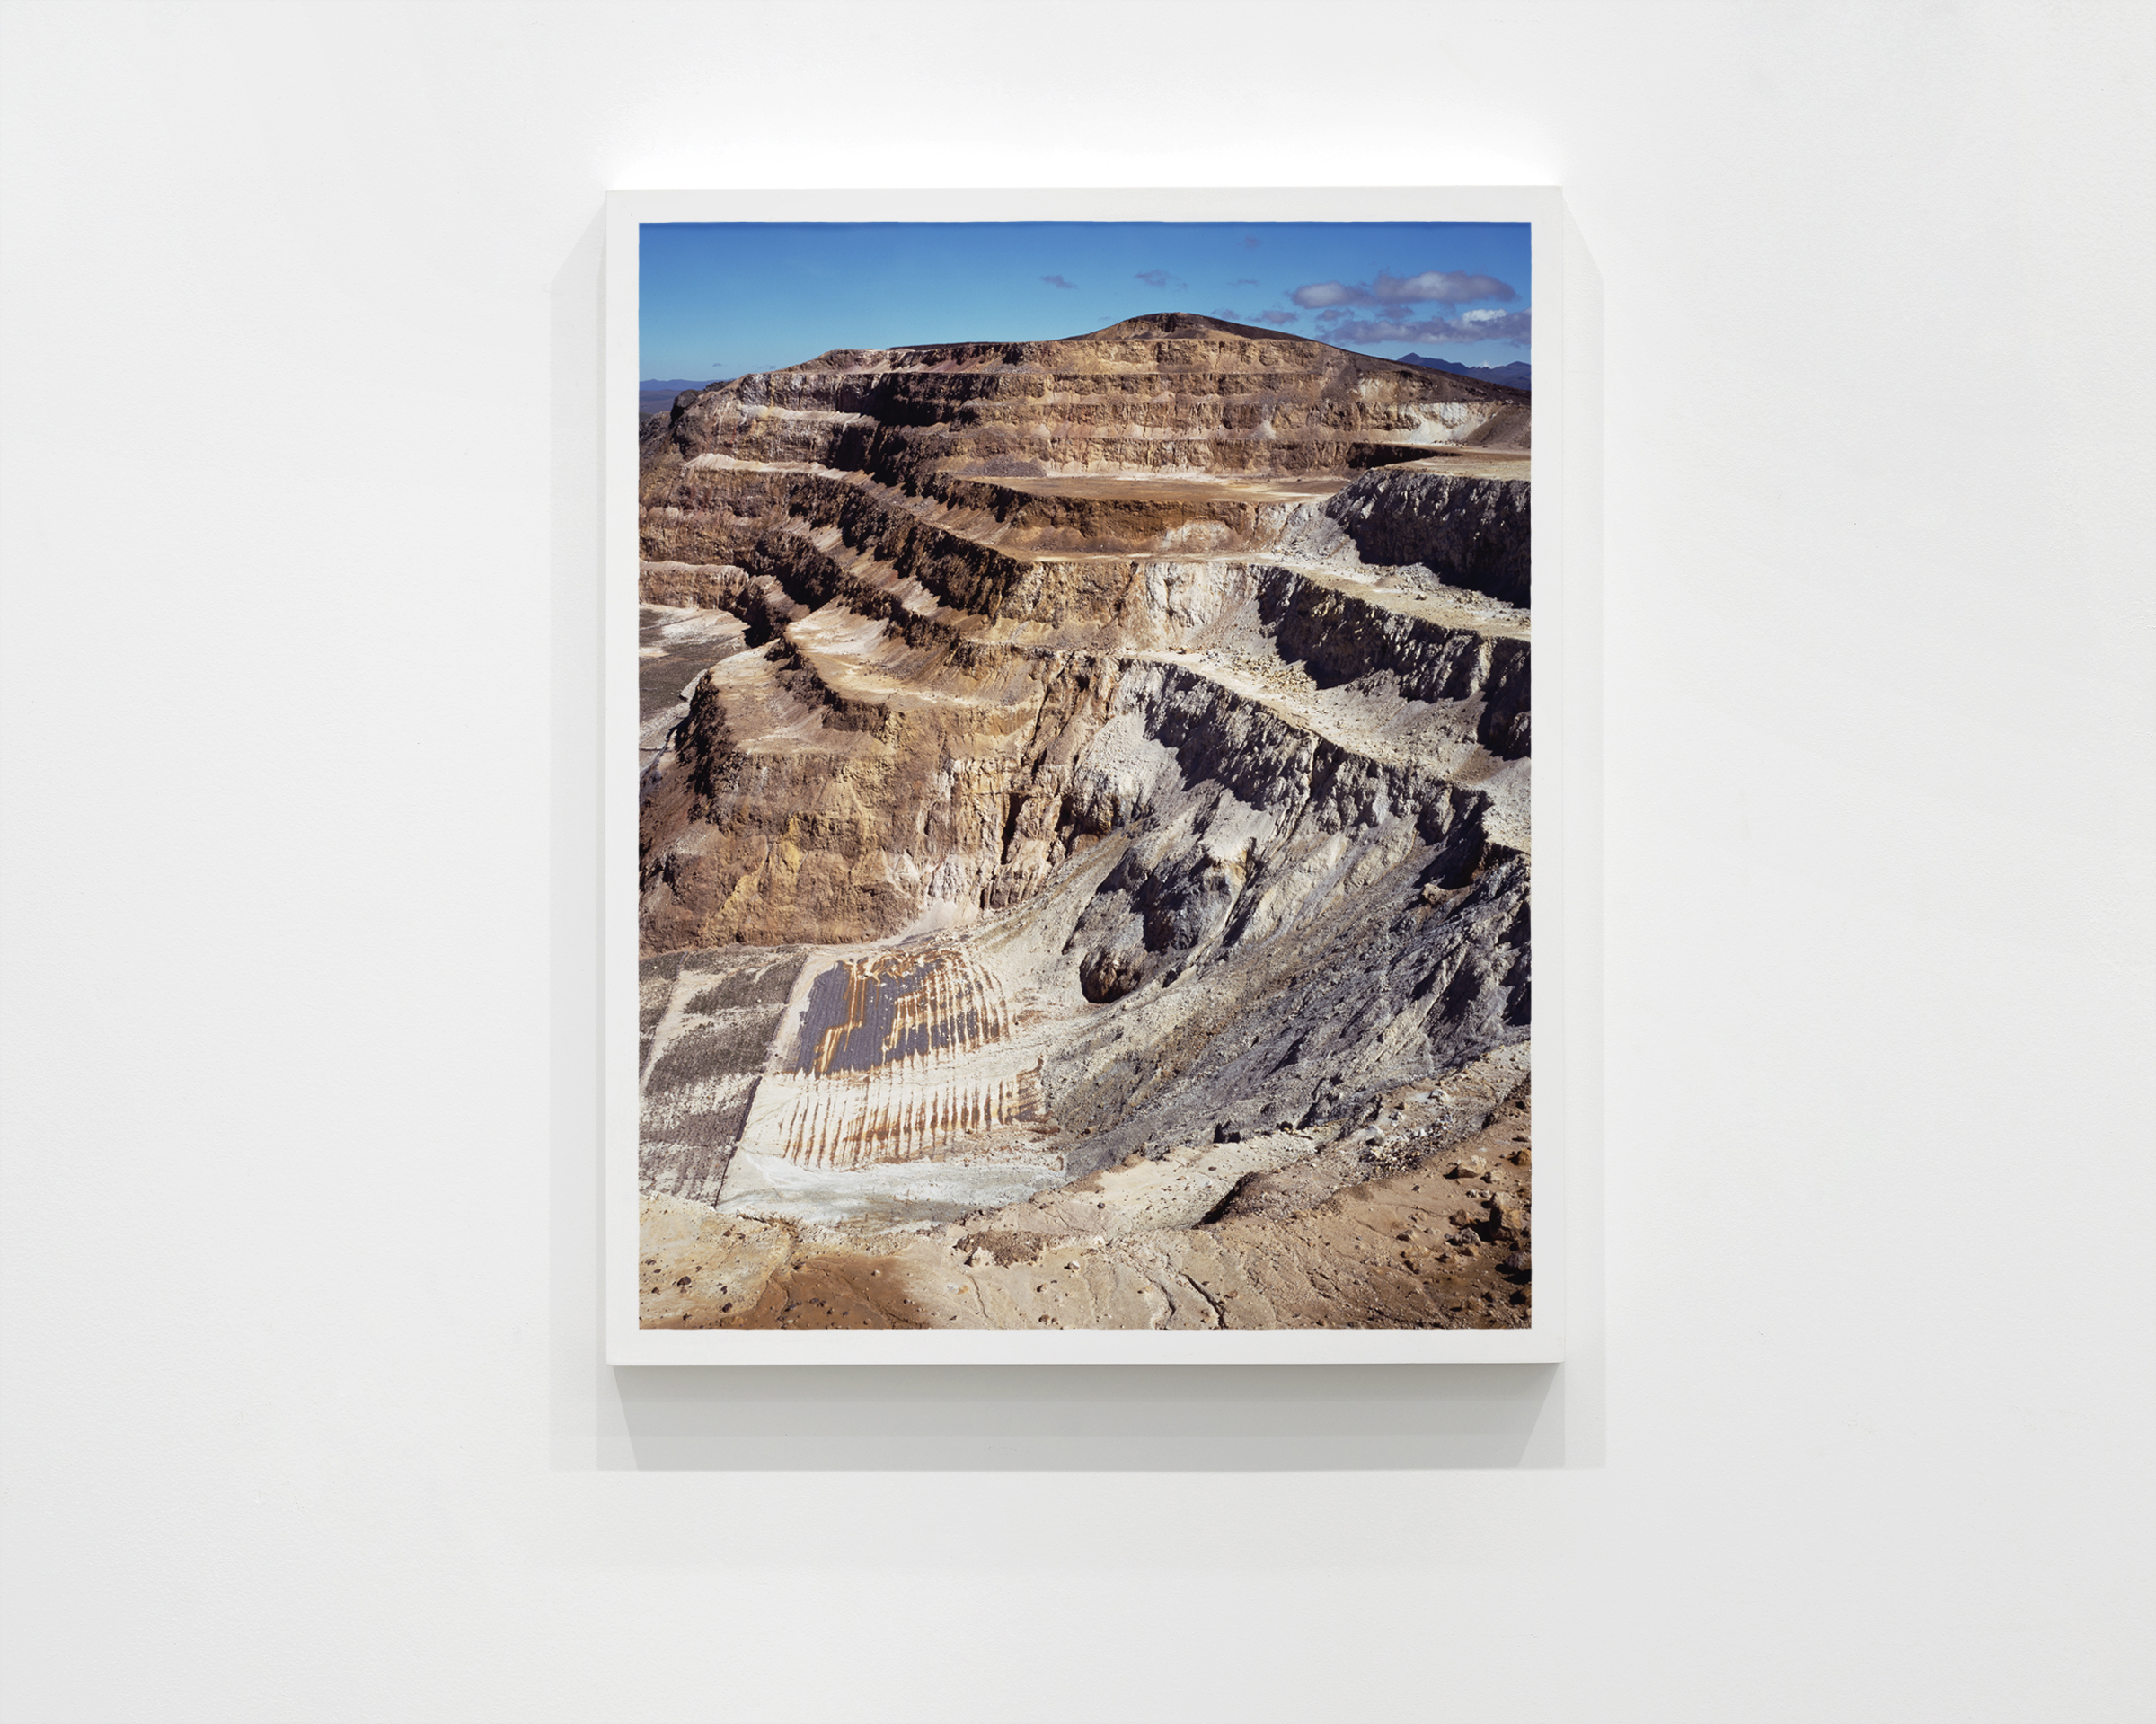 """""""Maqui Maqui Wall"""", 2008  30 x 24 in (76.2 x 60.96 cm)"""